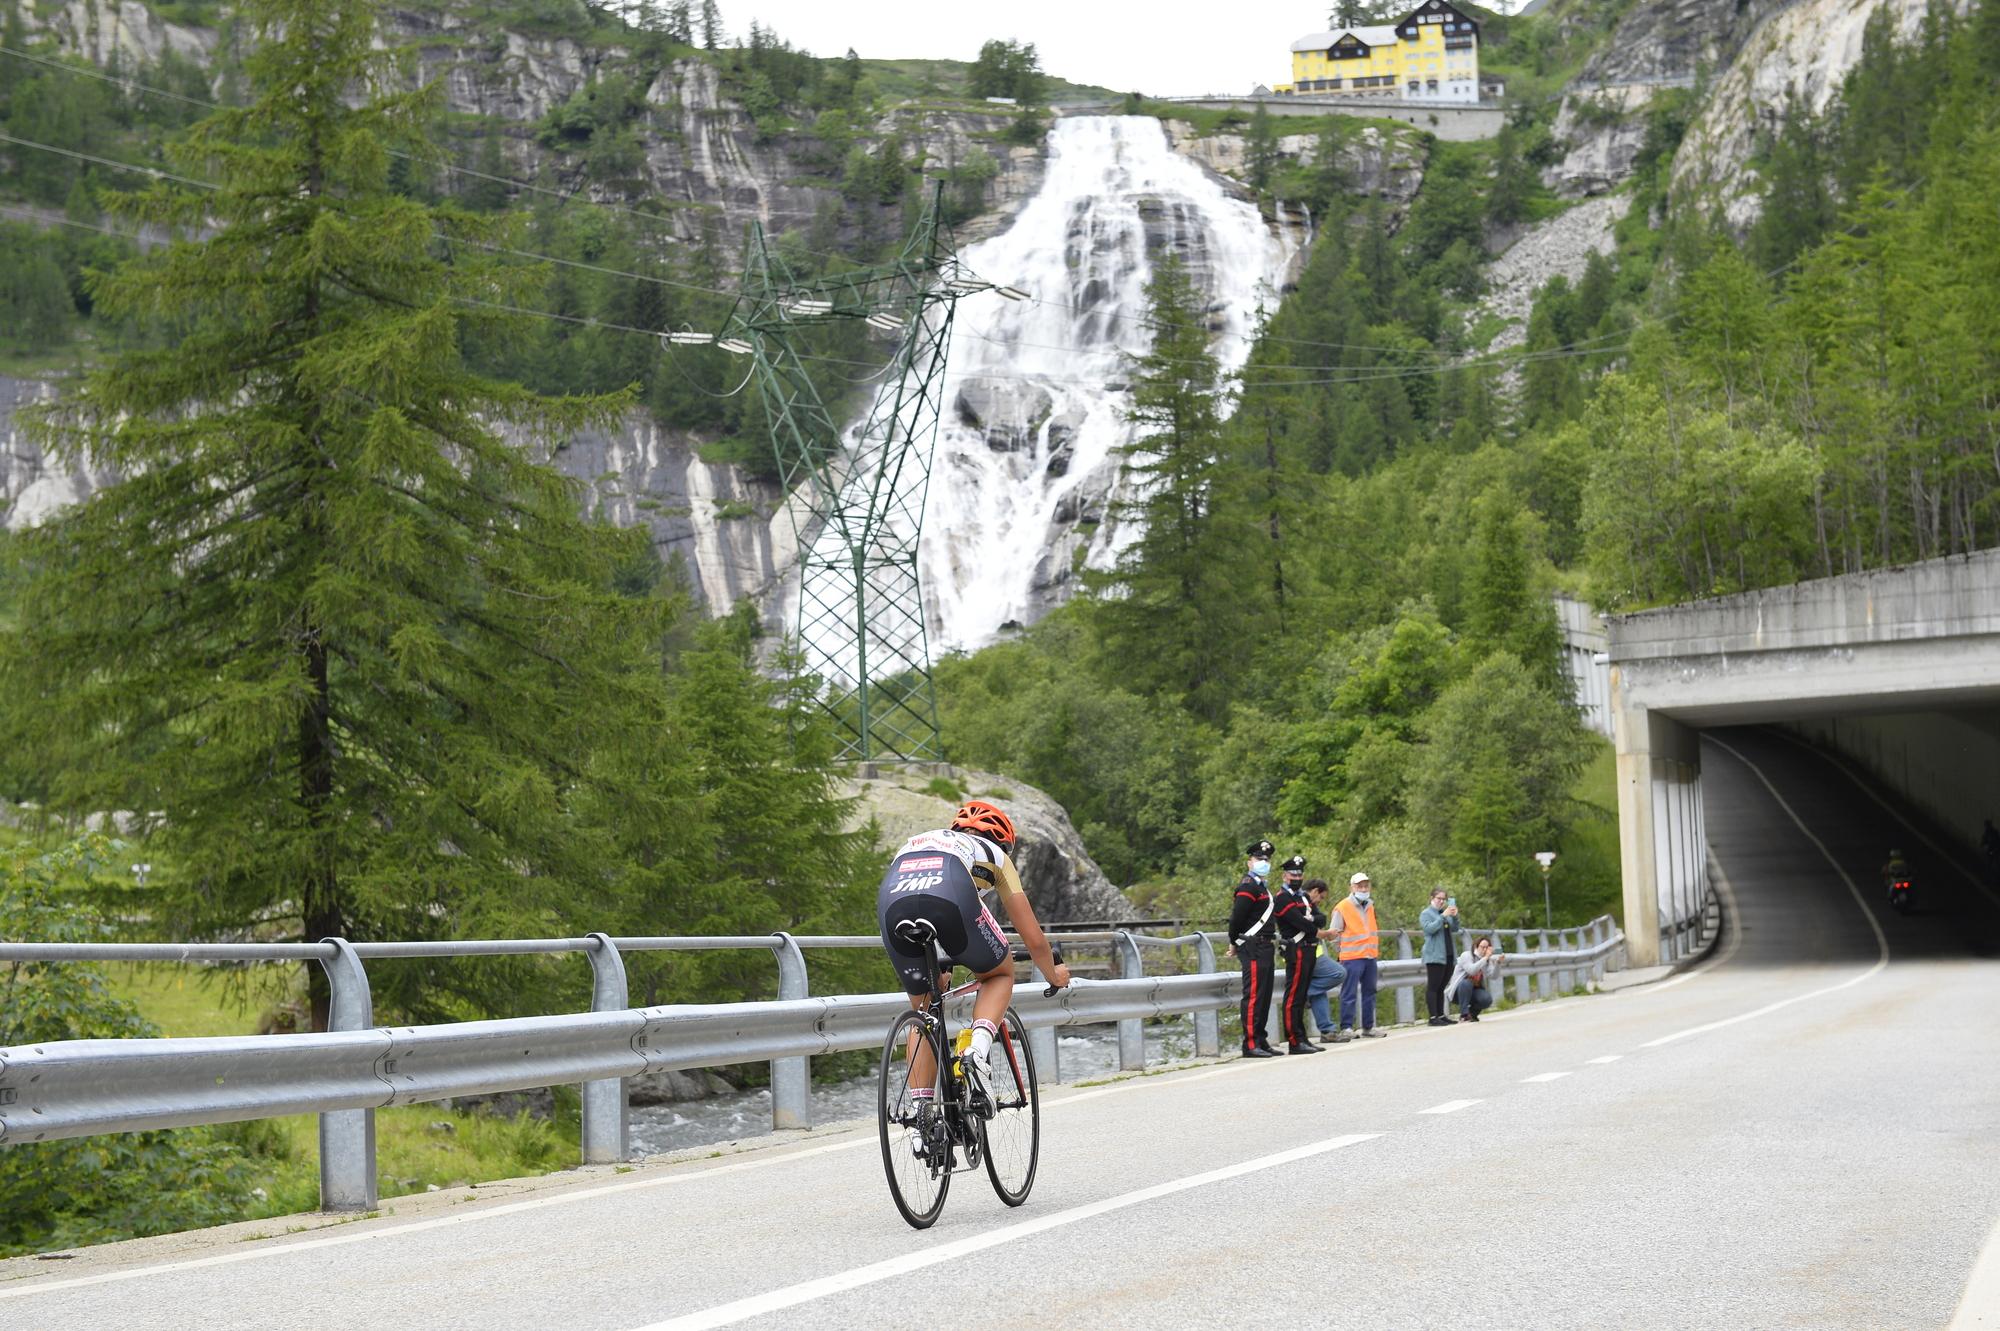 Fourth stage of Giro d'Italia Donne 2021: Formazza Fondovalle – Formazza Riale, Cascata del Toce